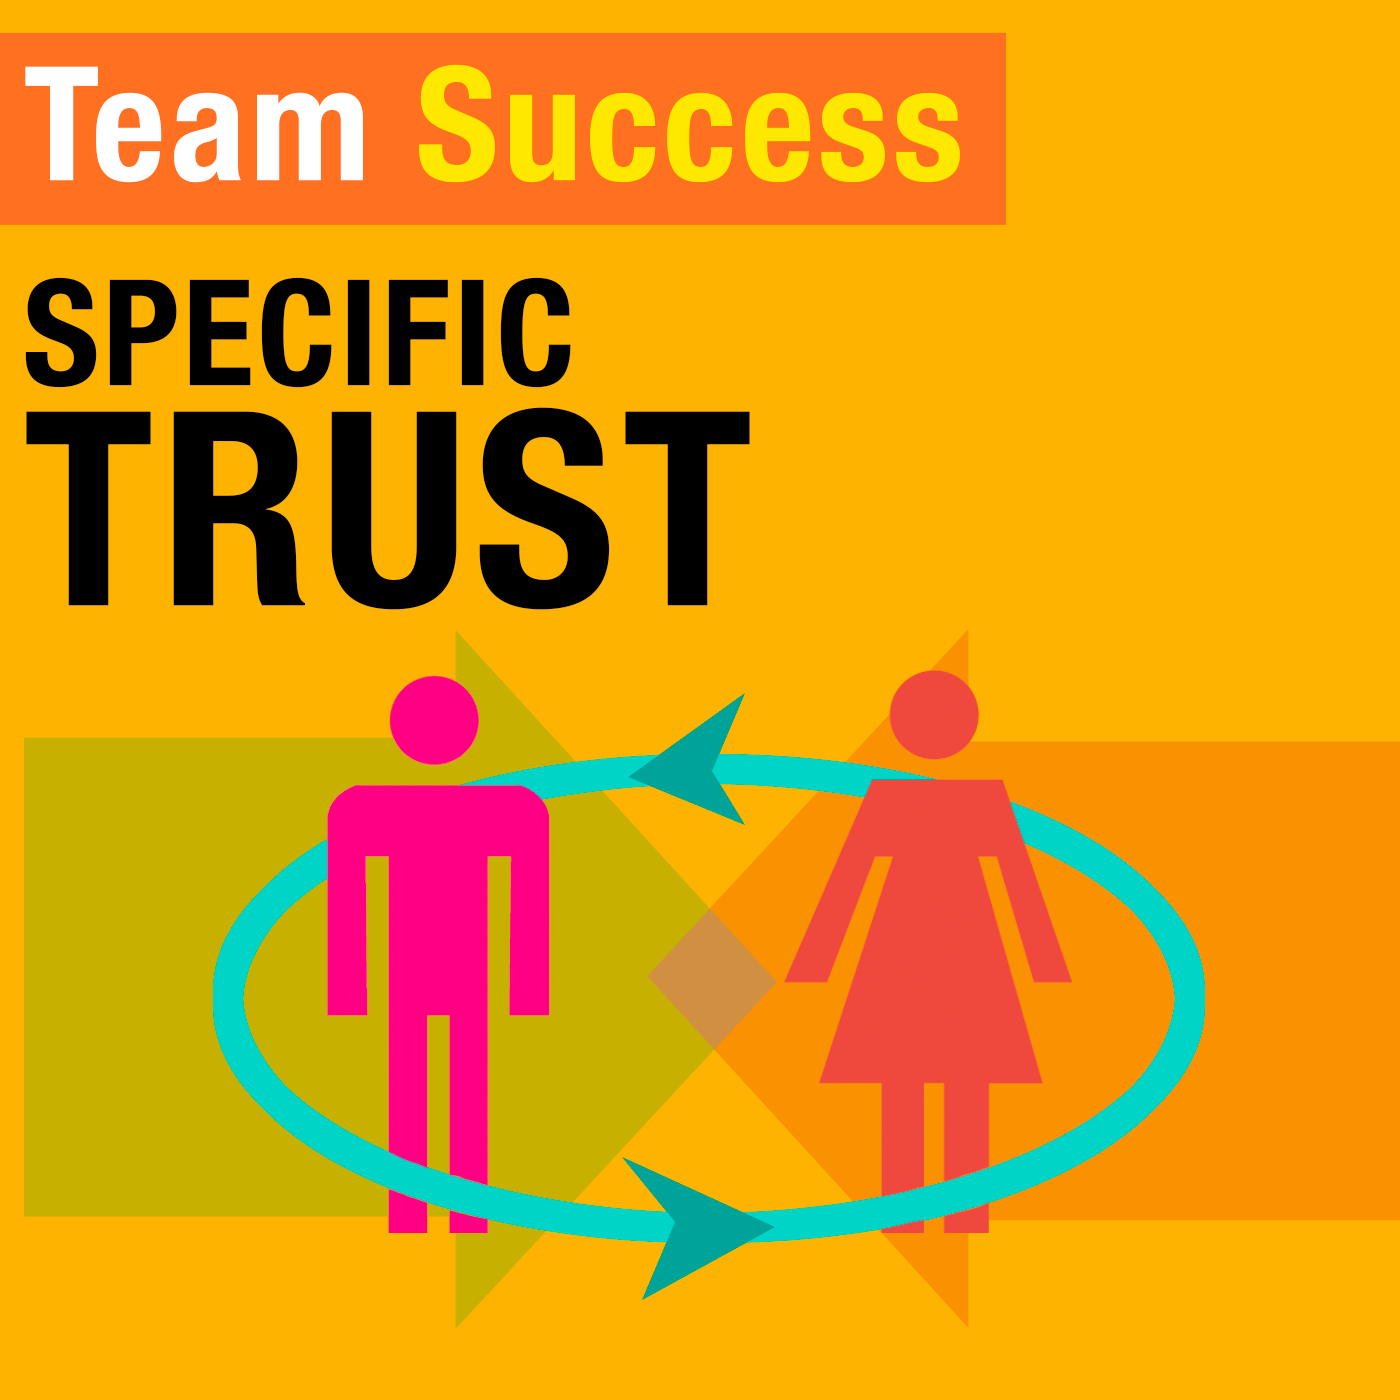 Specific Trust